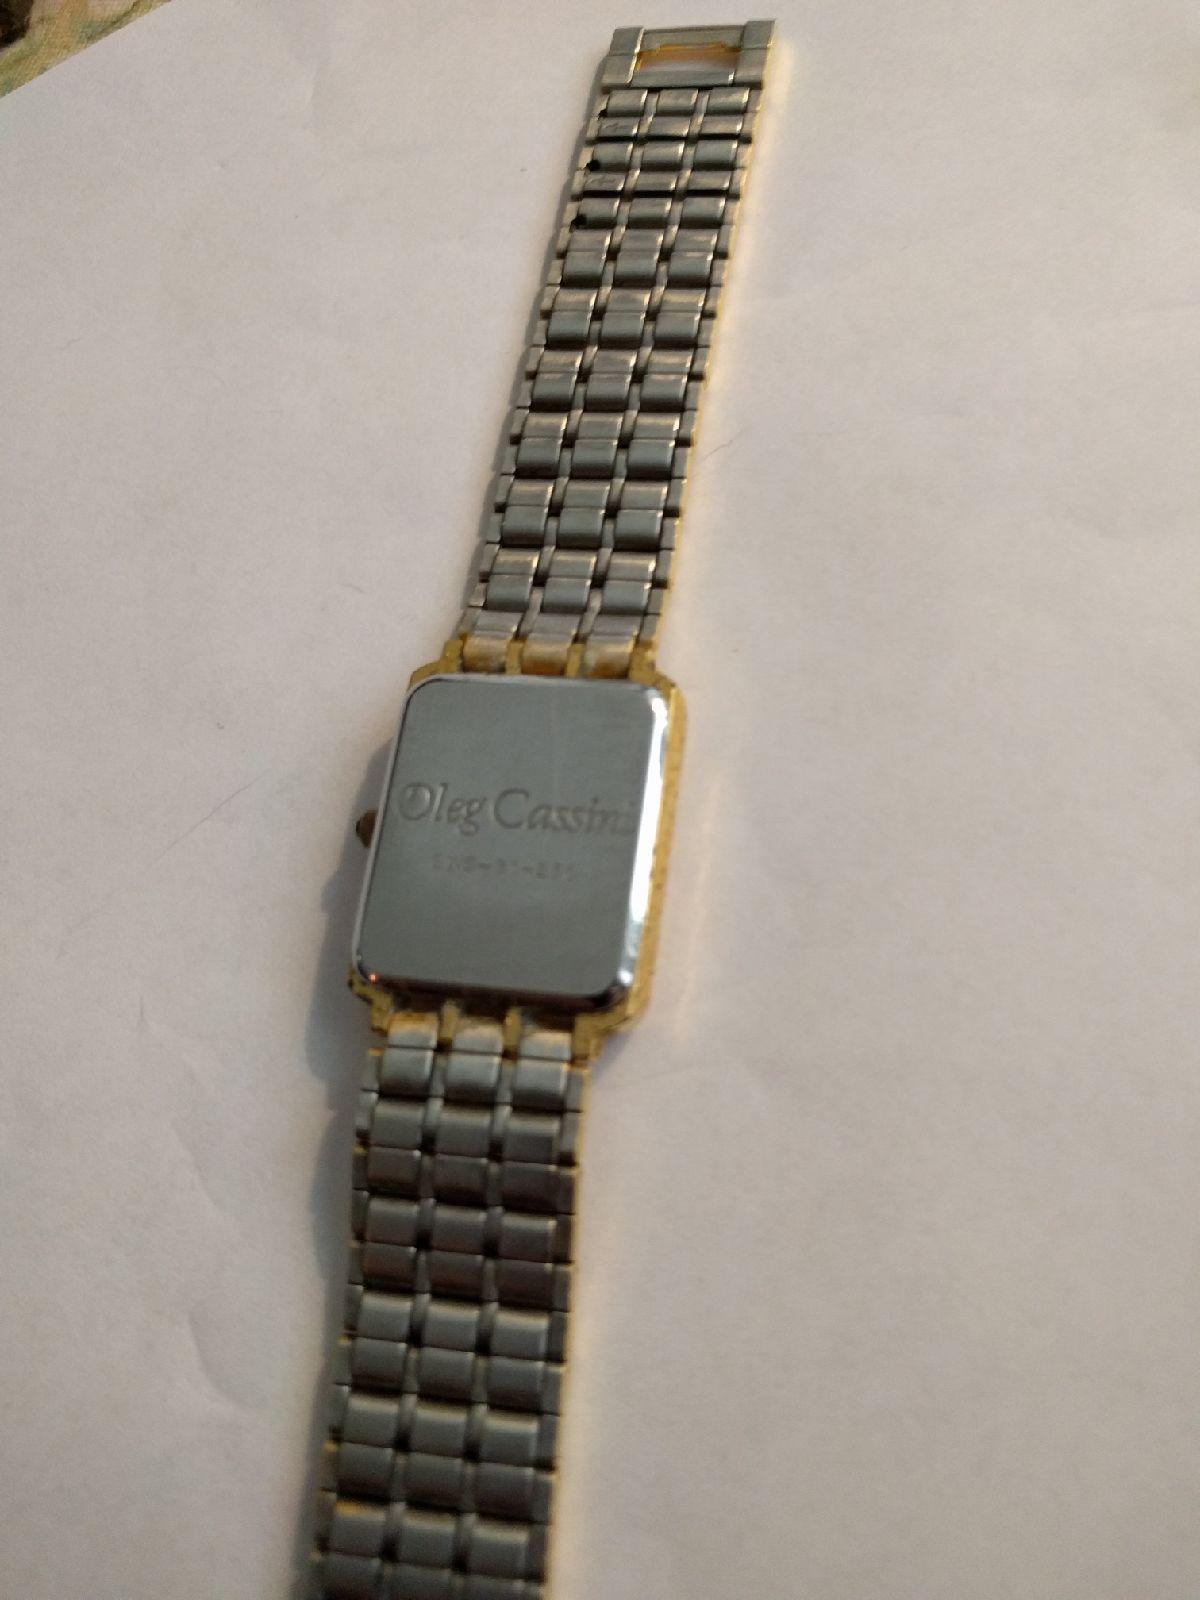 Vintag Oleg Cassini Swiss quartz watch